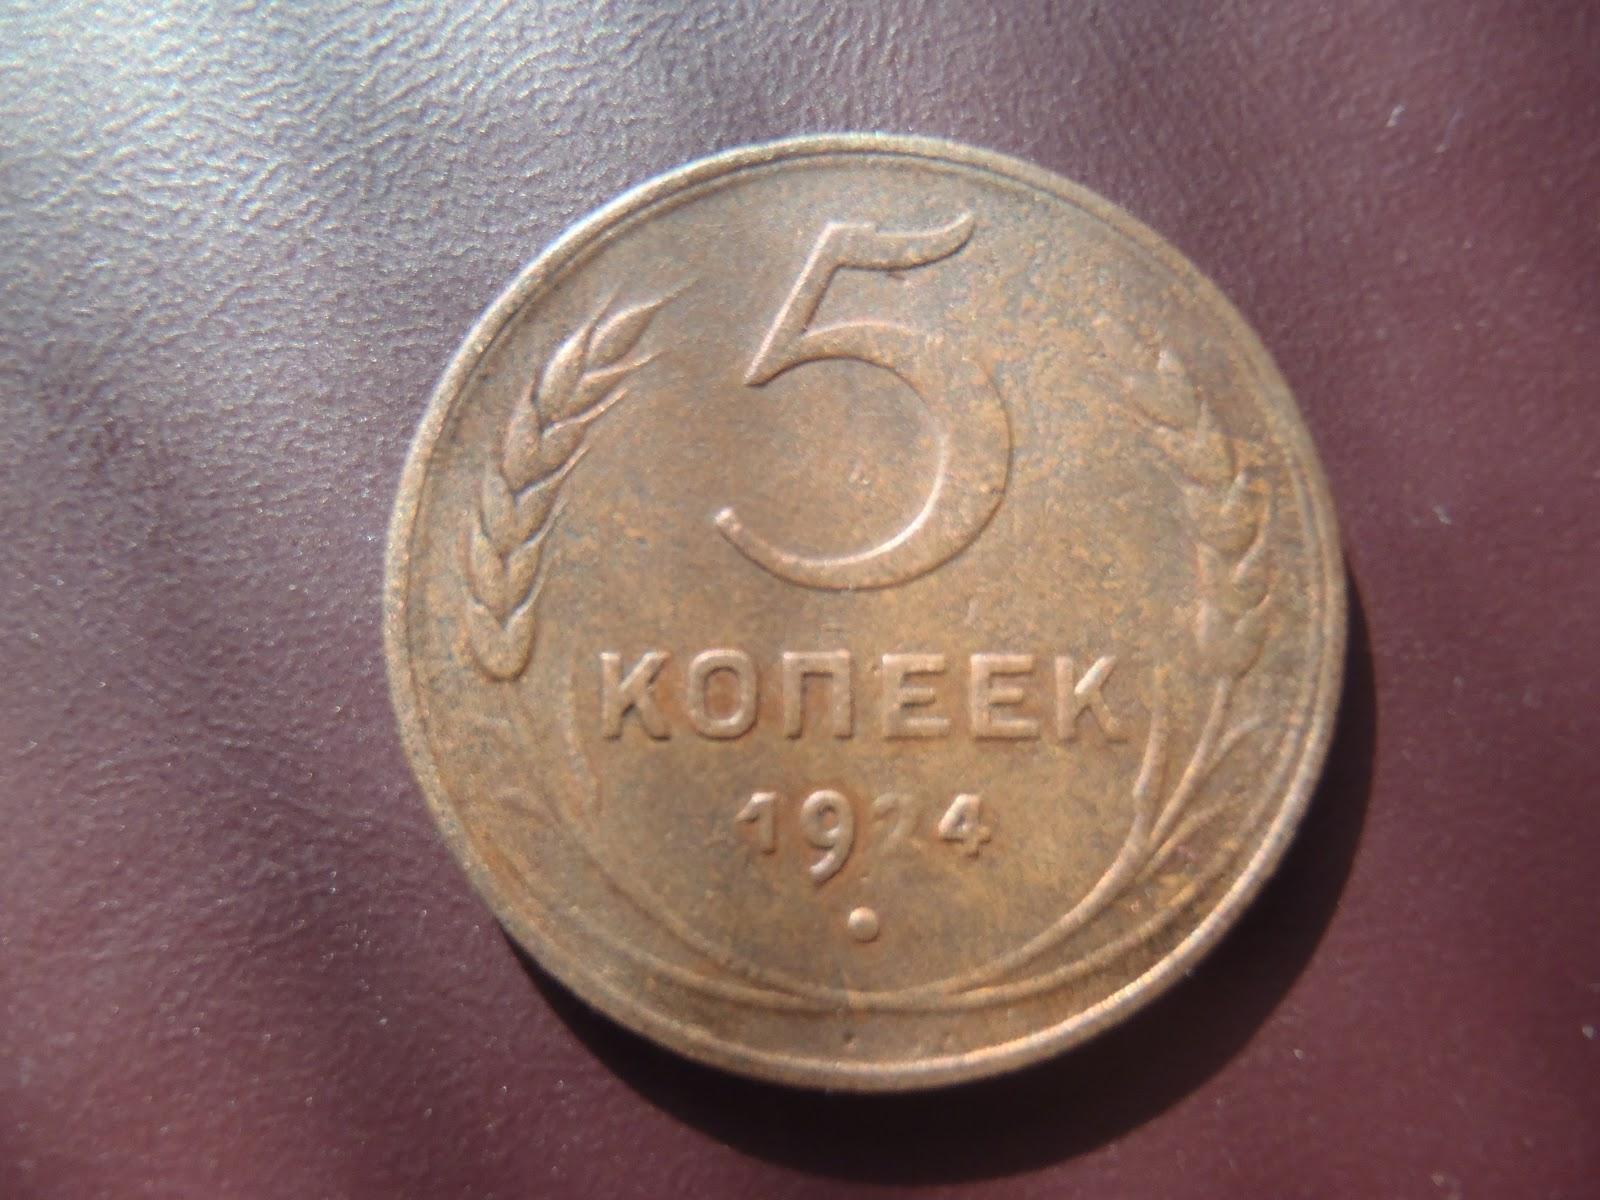 Сколько стоит советский рубль с лениным 19 фотография